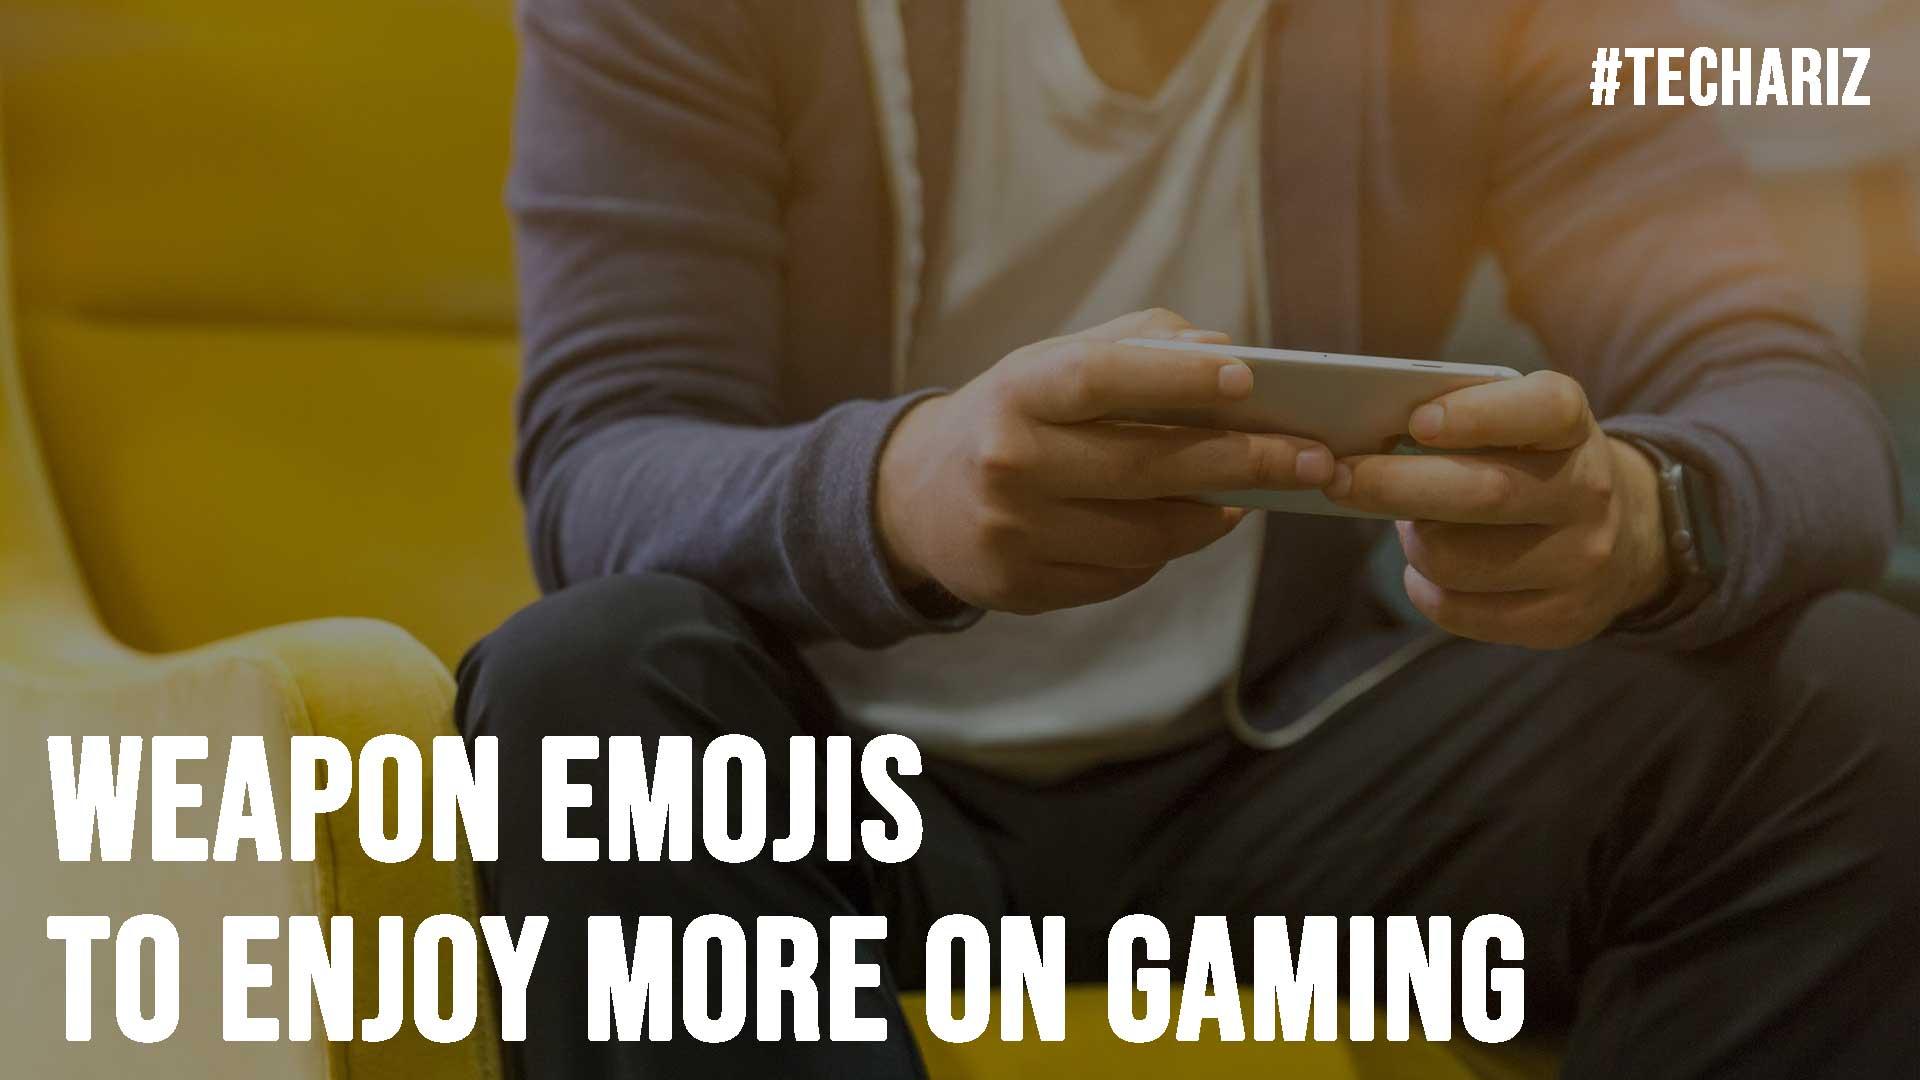 Weapon Emojis to Enjoy More on Gaming